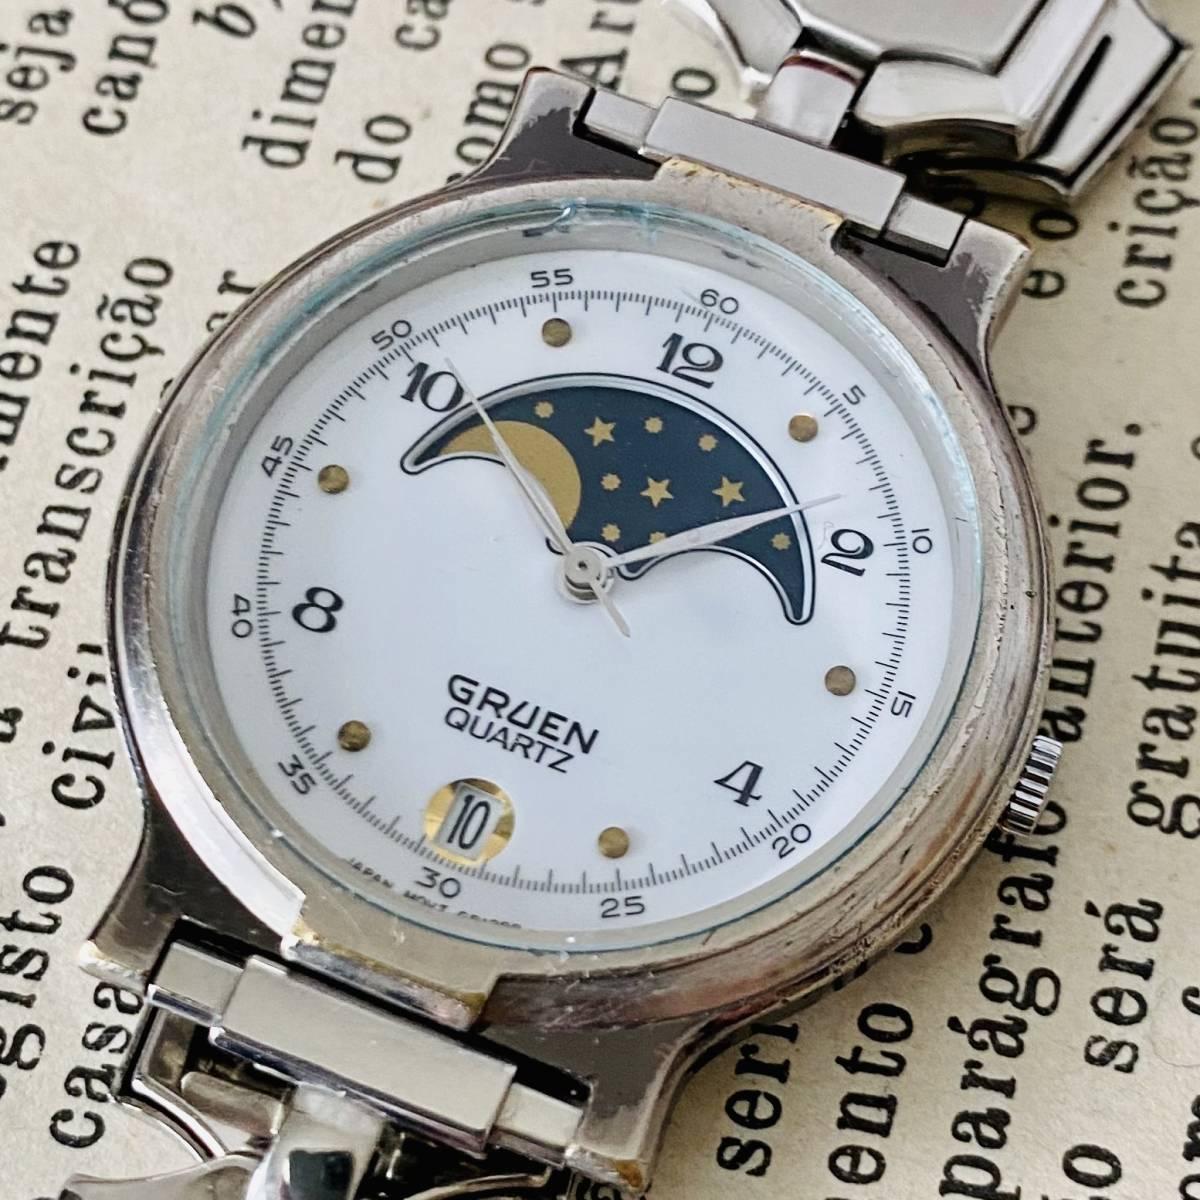 【高級時計グリュエン】Gruen ムーンフェイス クォーツ 腕時計 レディース ビンテージ ブレスレット カクテル ウォッチ クリスタル 訳あり_画像2